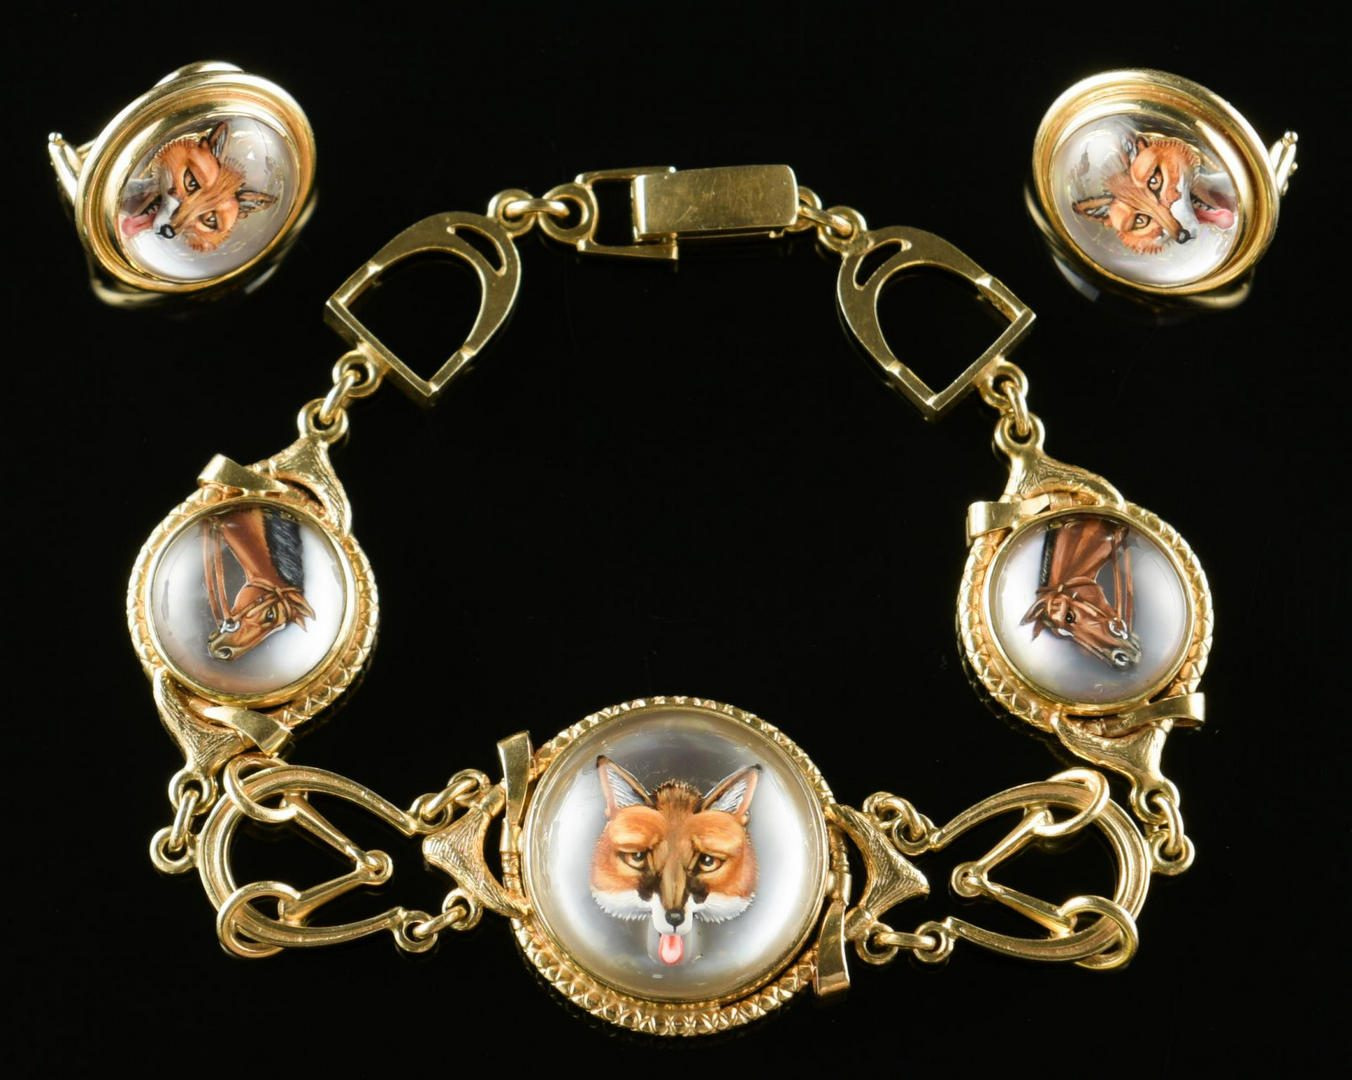 Lot 10: Set 14K  Essex Crystal Equestrian Jewelry